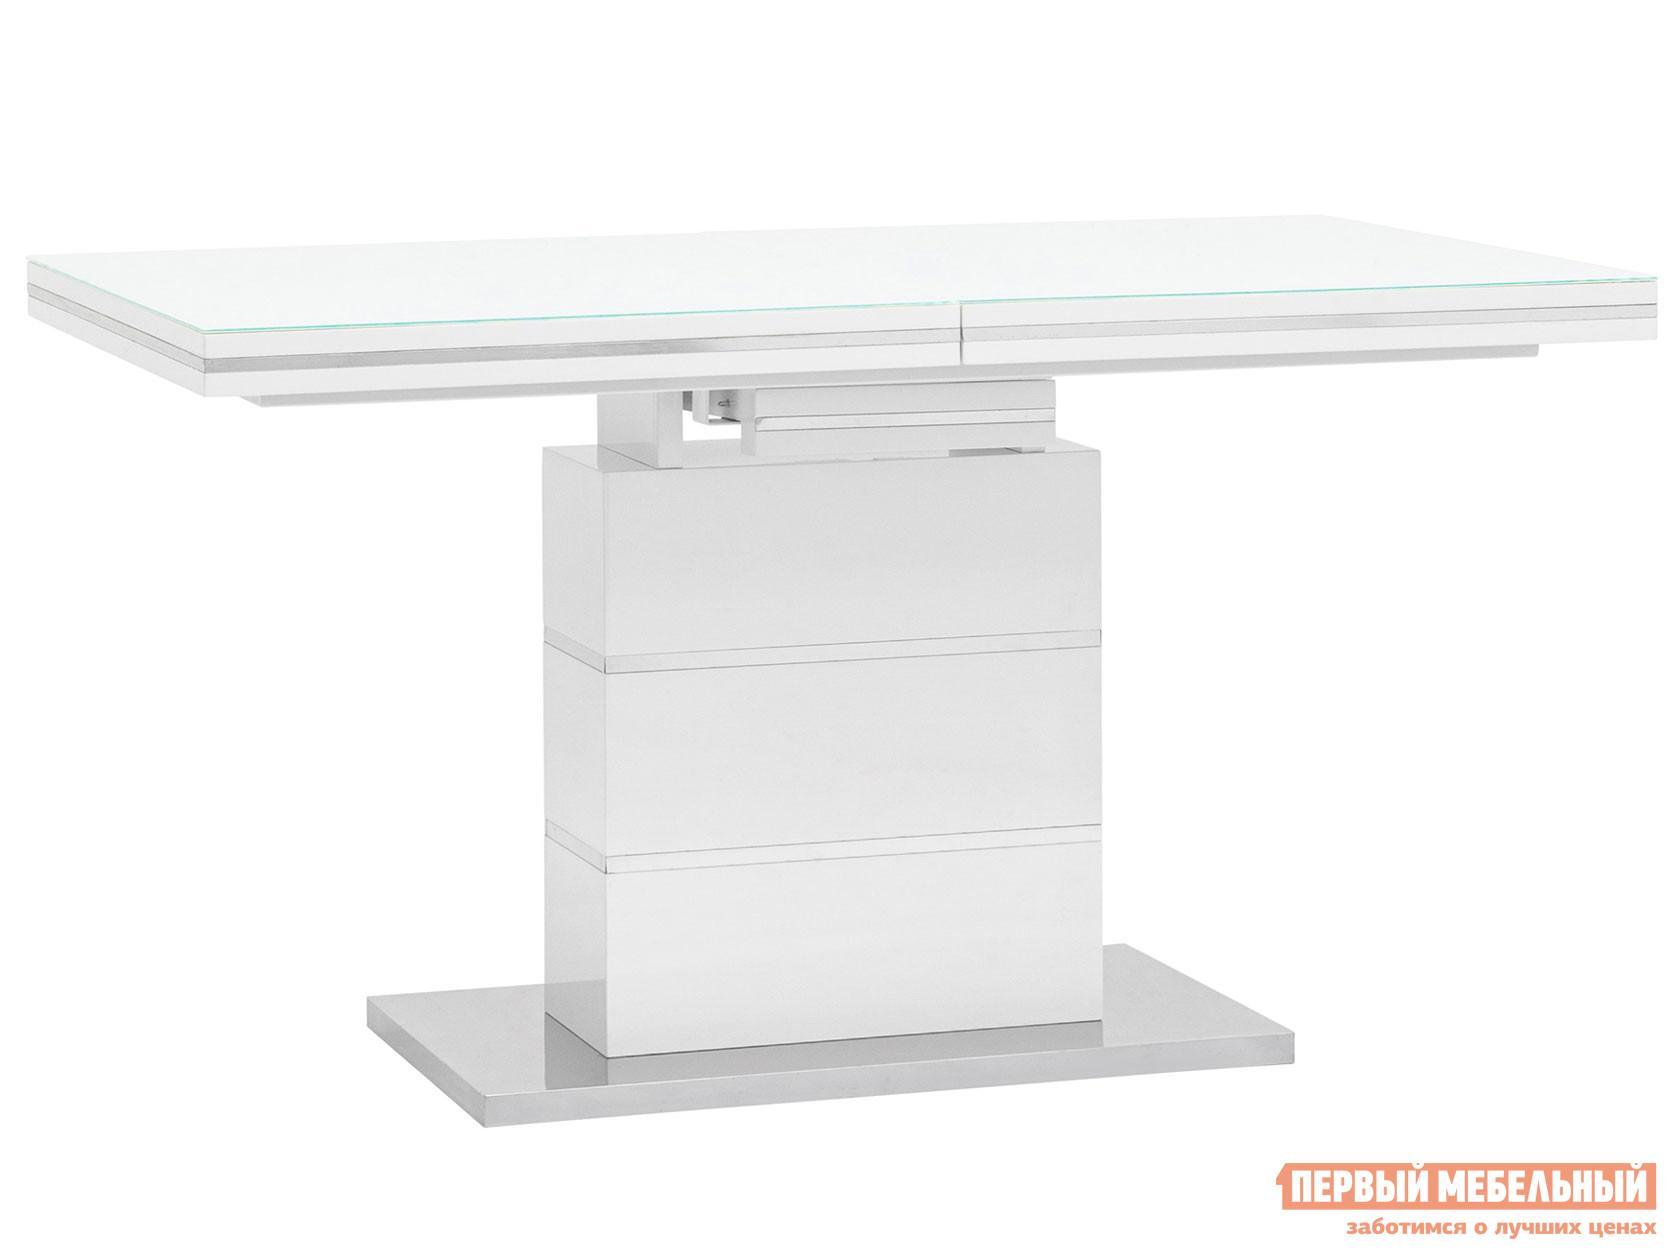 Кухонный стол Stool Group Стол обеденный Глазго, раскладной N-115-140/160-HGW DUAL